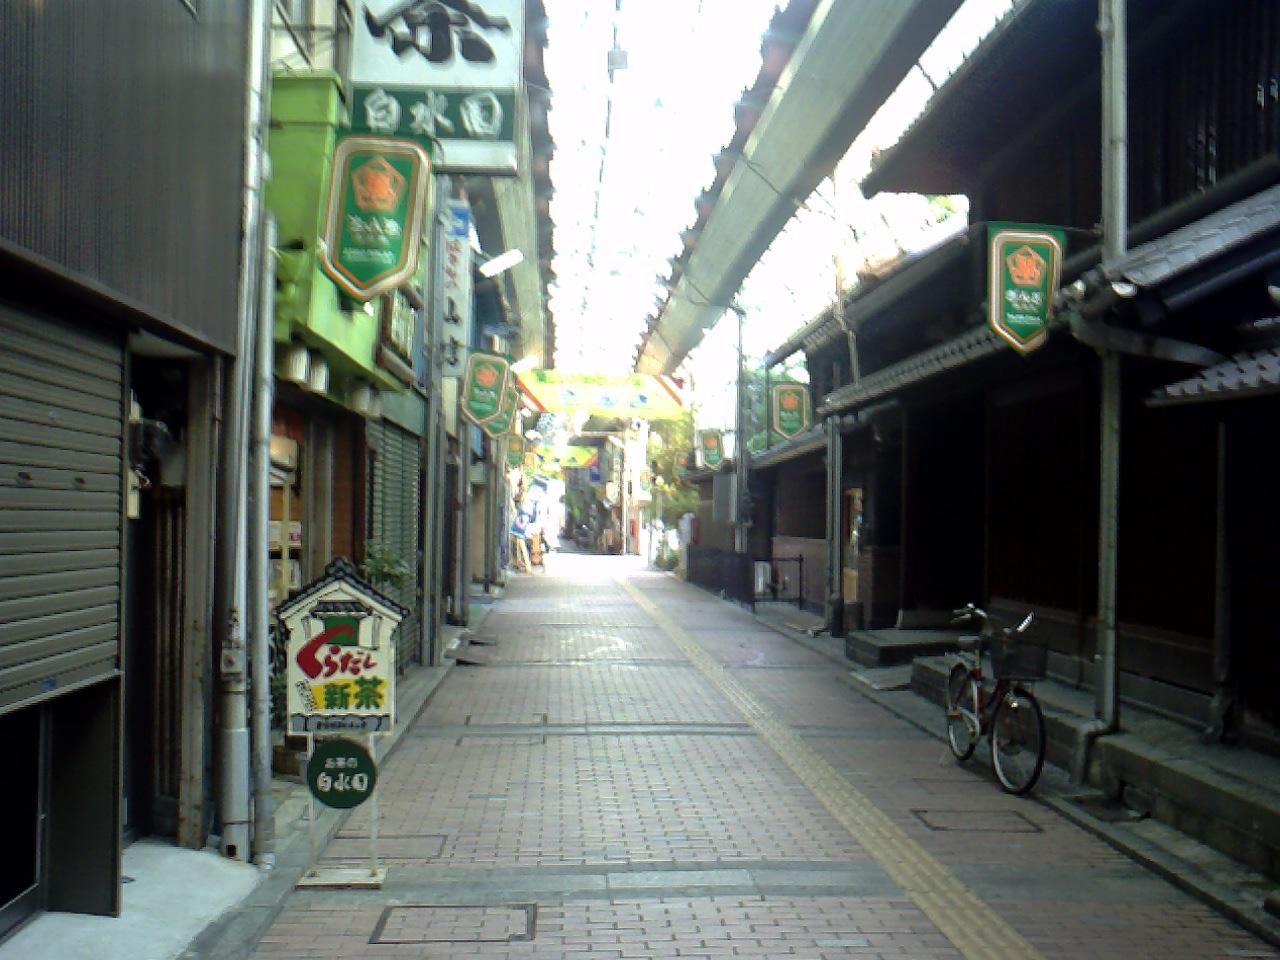 08-8二川宿本陣・多治見夏街 009.jpg